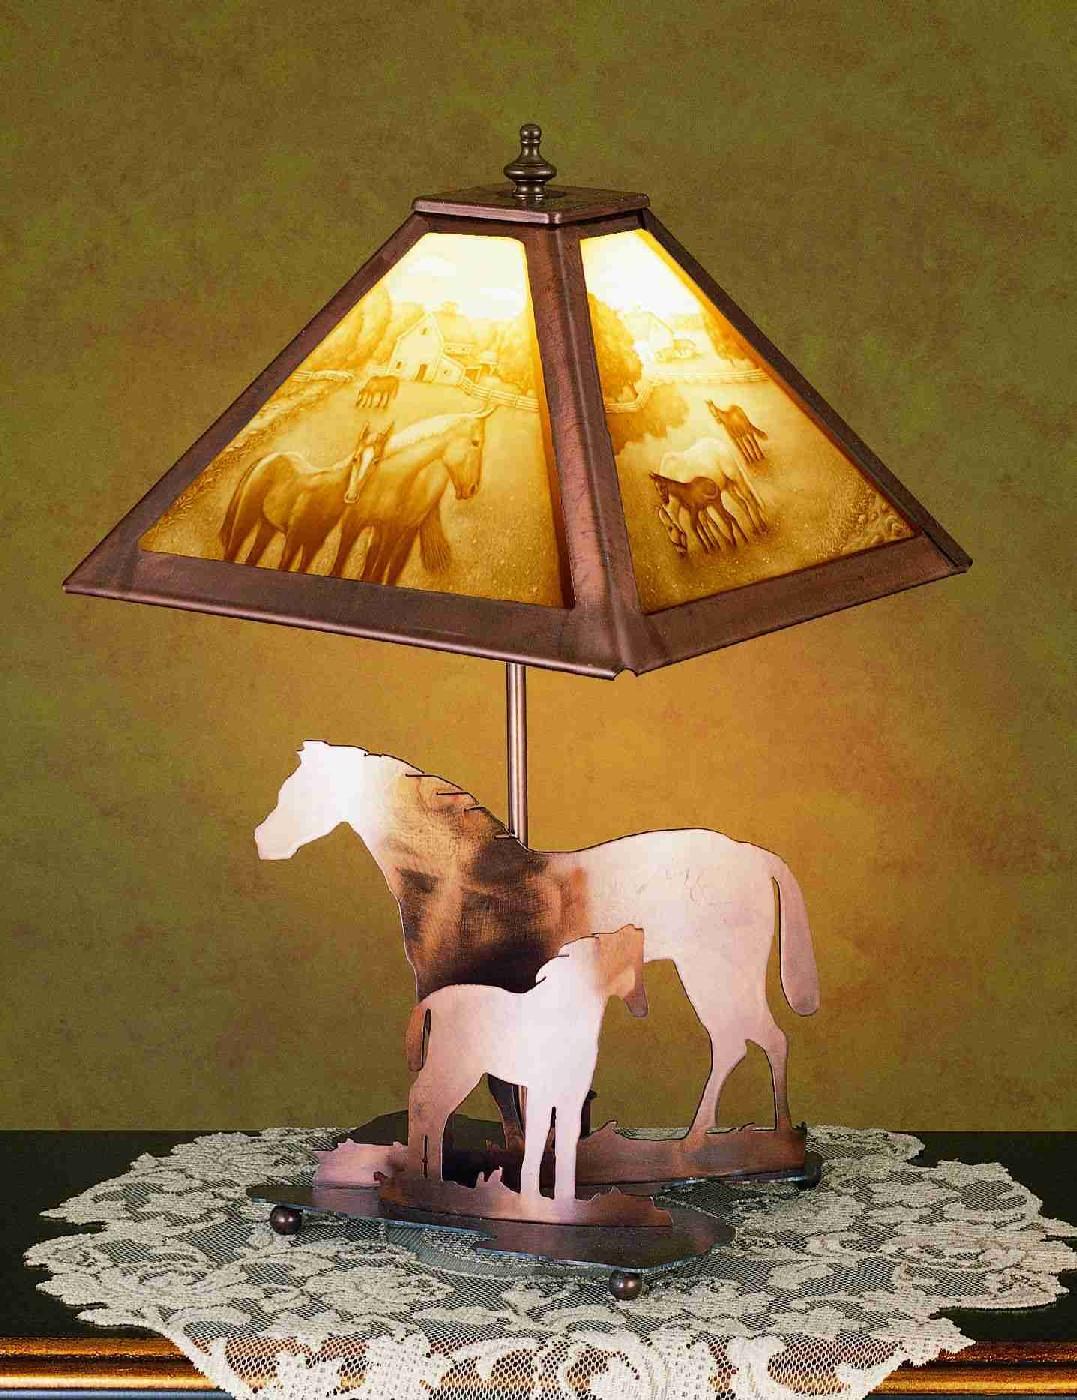 Meyda Tiffany 29711 13.5 Inch Mare & Foal Base A/C